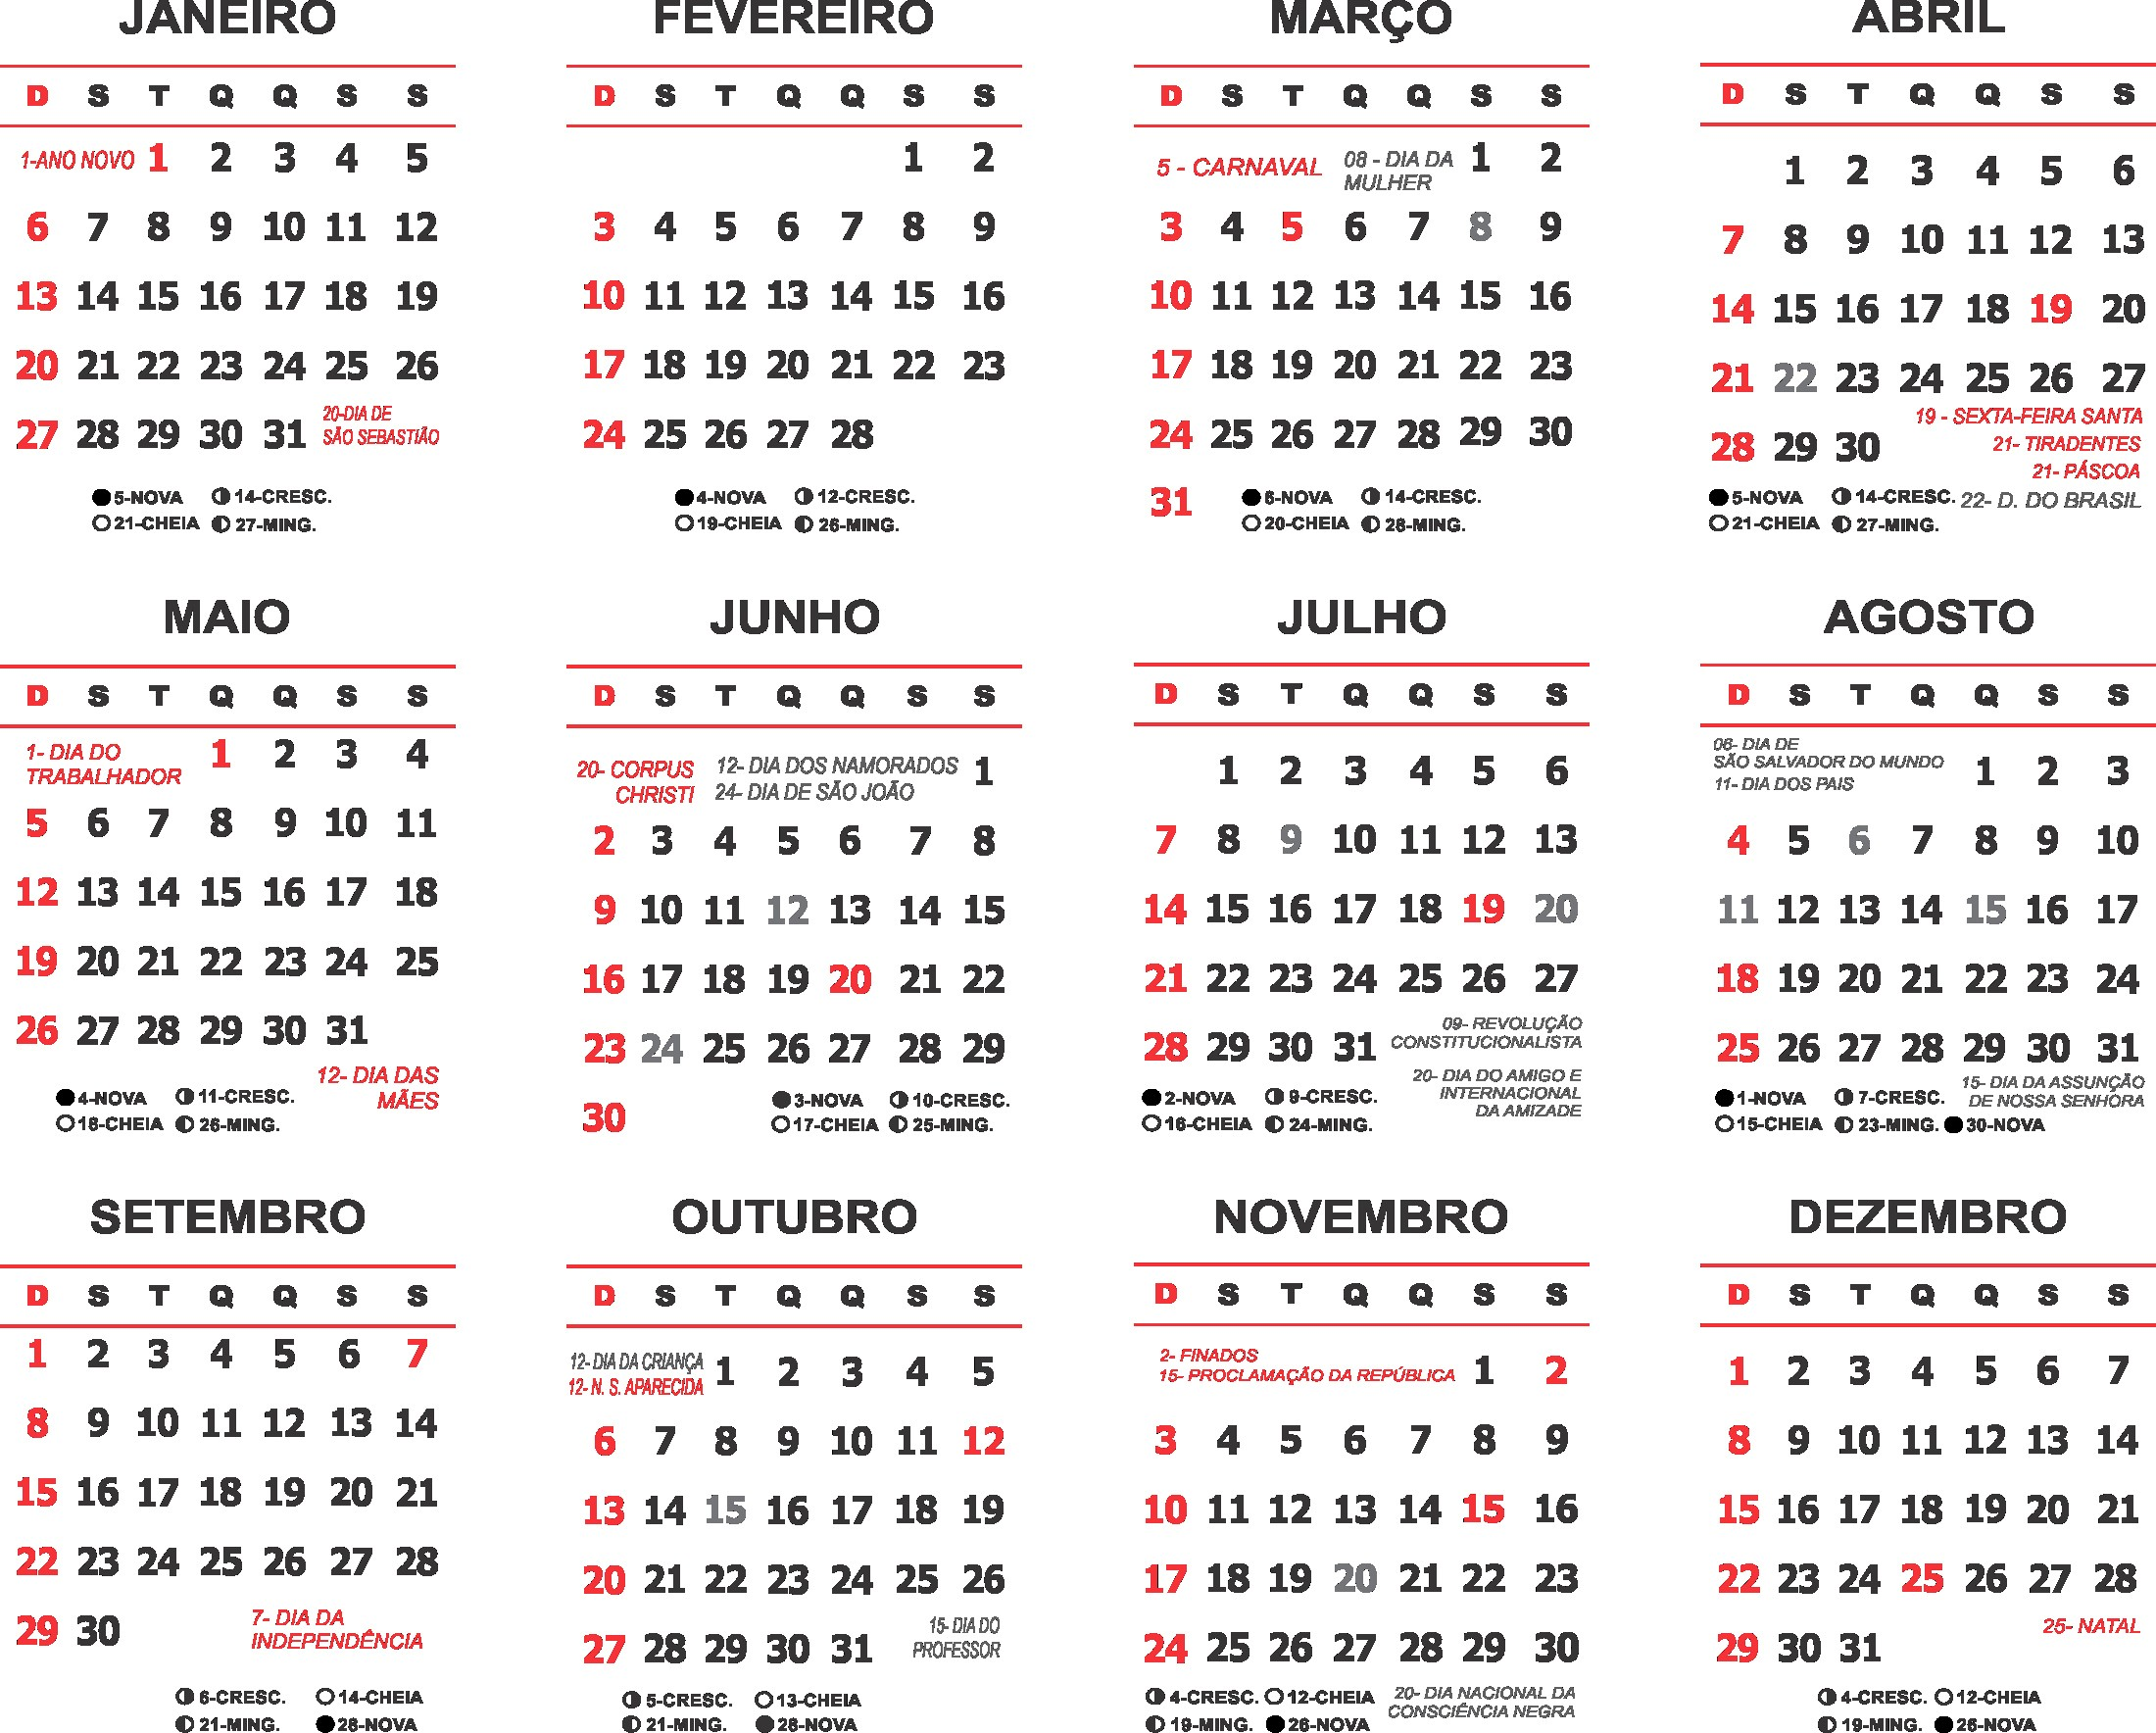 Calendario Oficial 2019 Chile Para Imprimir Más Reciente Yllana Calendario 2019 2018 12 Of Calendario Oficial 2019 Chile Para Imprimir Más Populares Informes Calendario Hebraico 2019